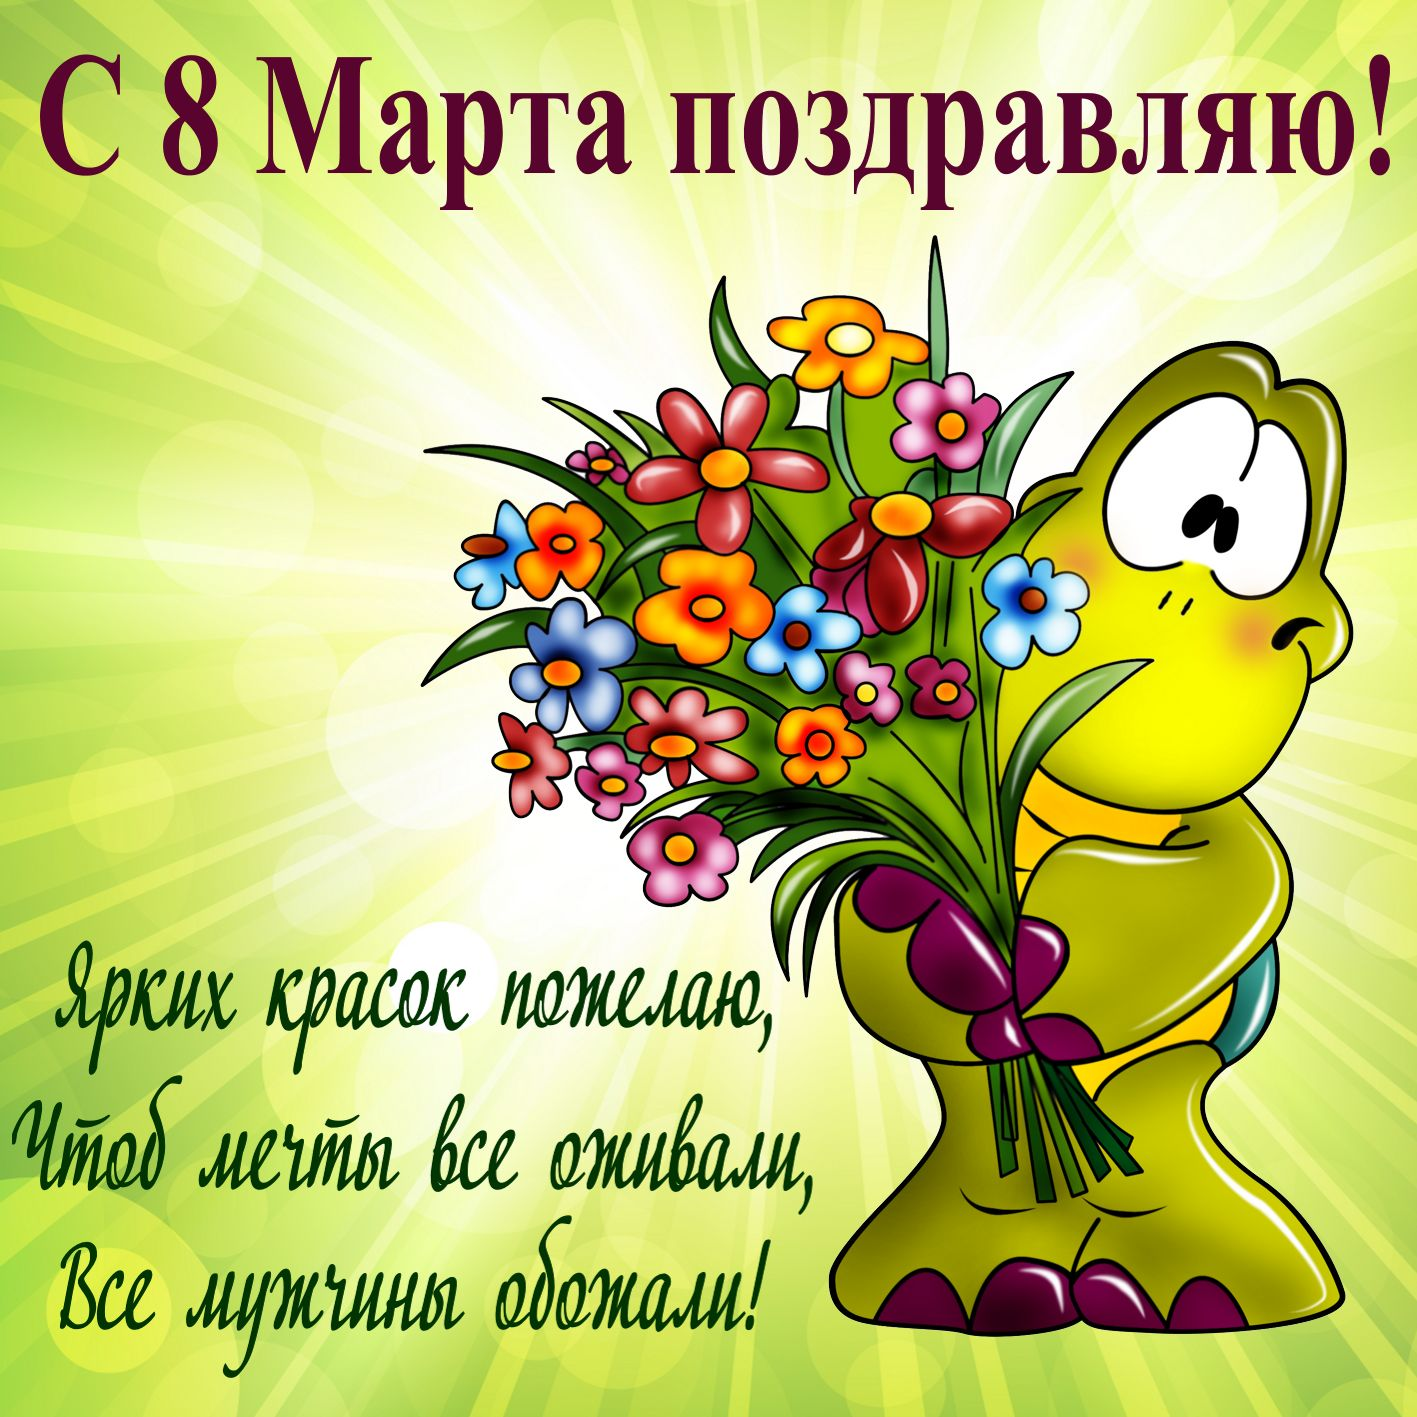 Открытка с 8 марта - мультяшная черепашка с букетом цветов